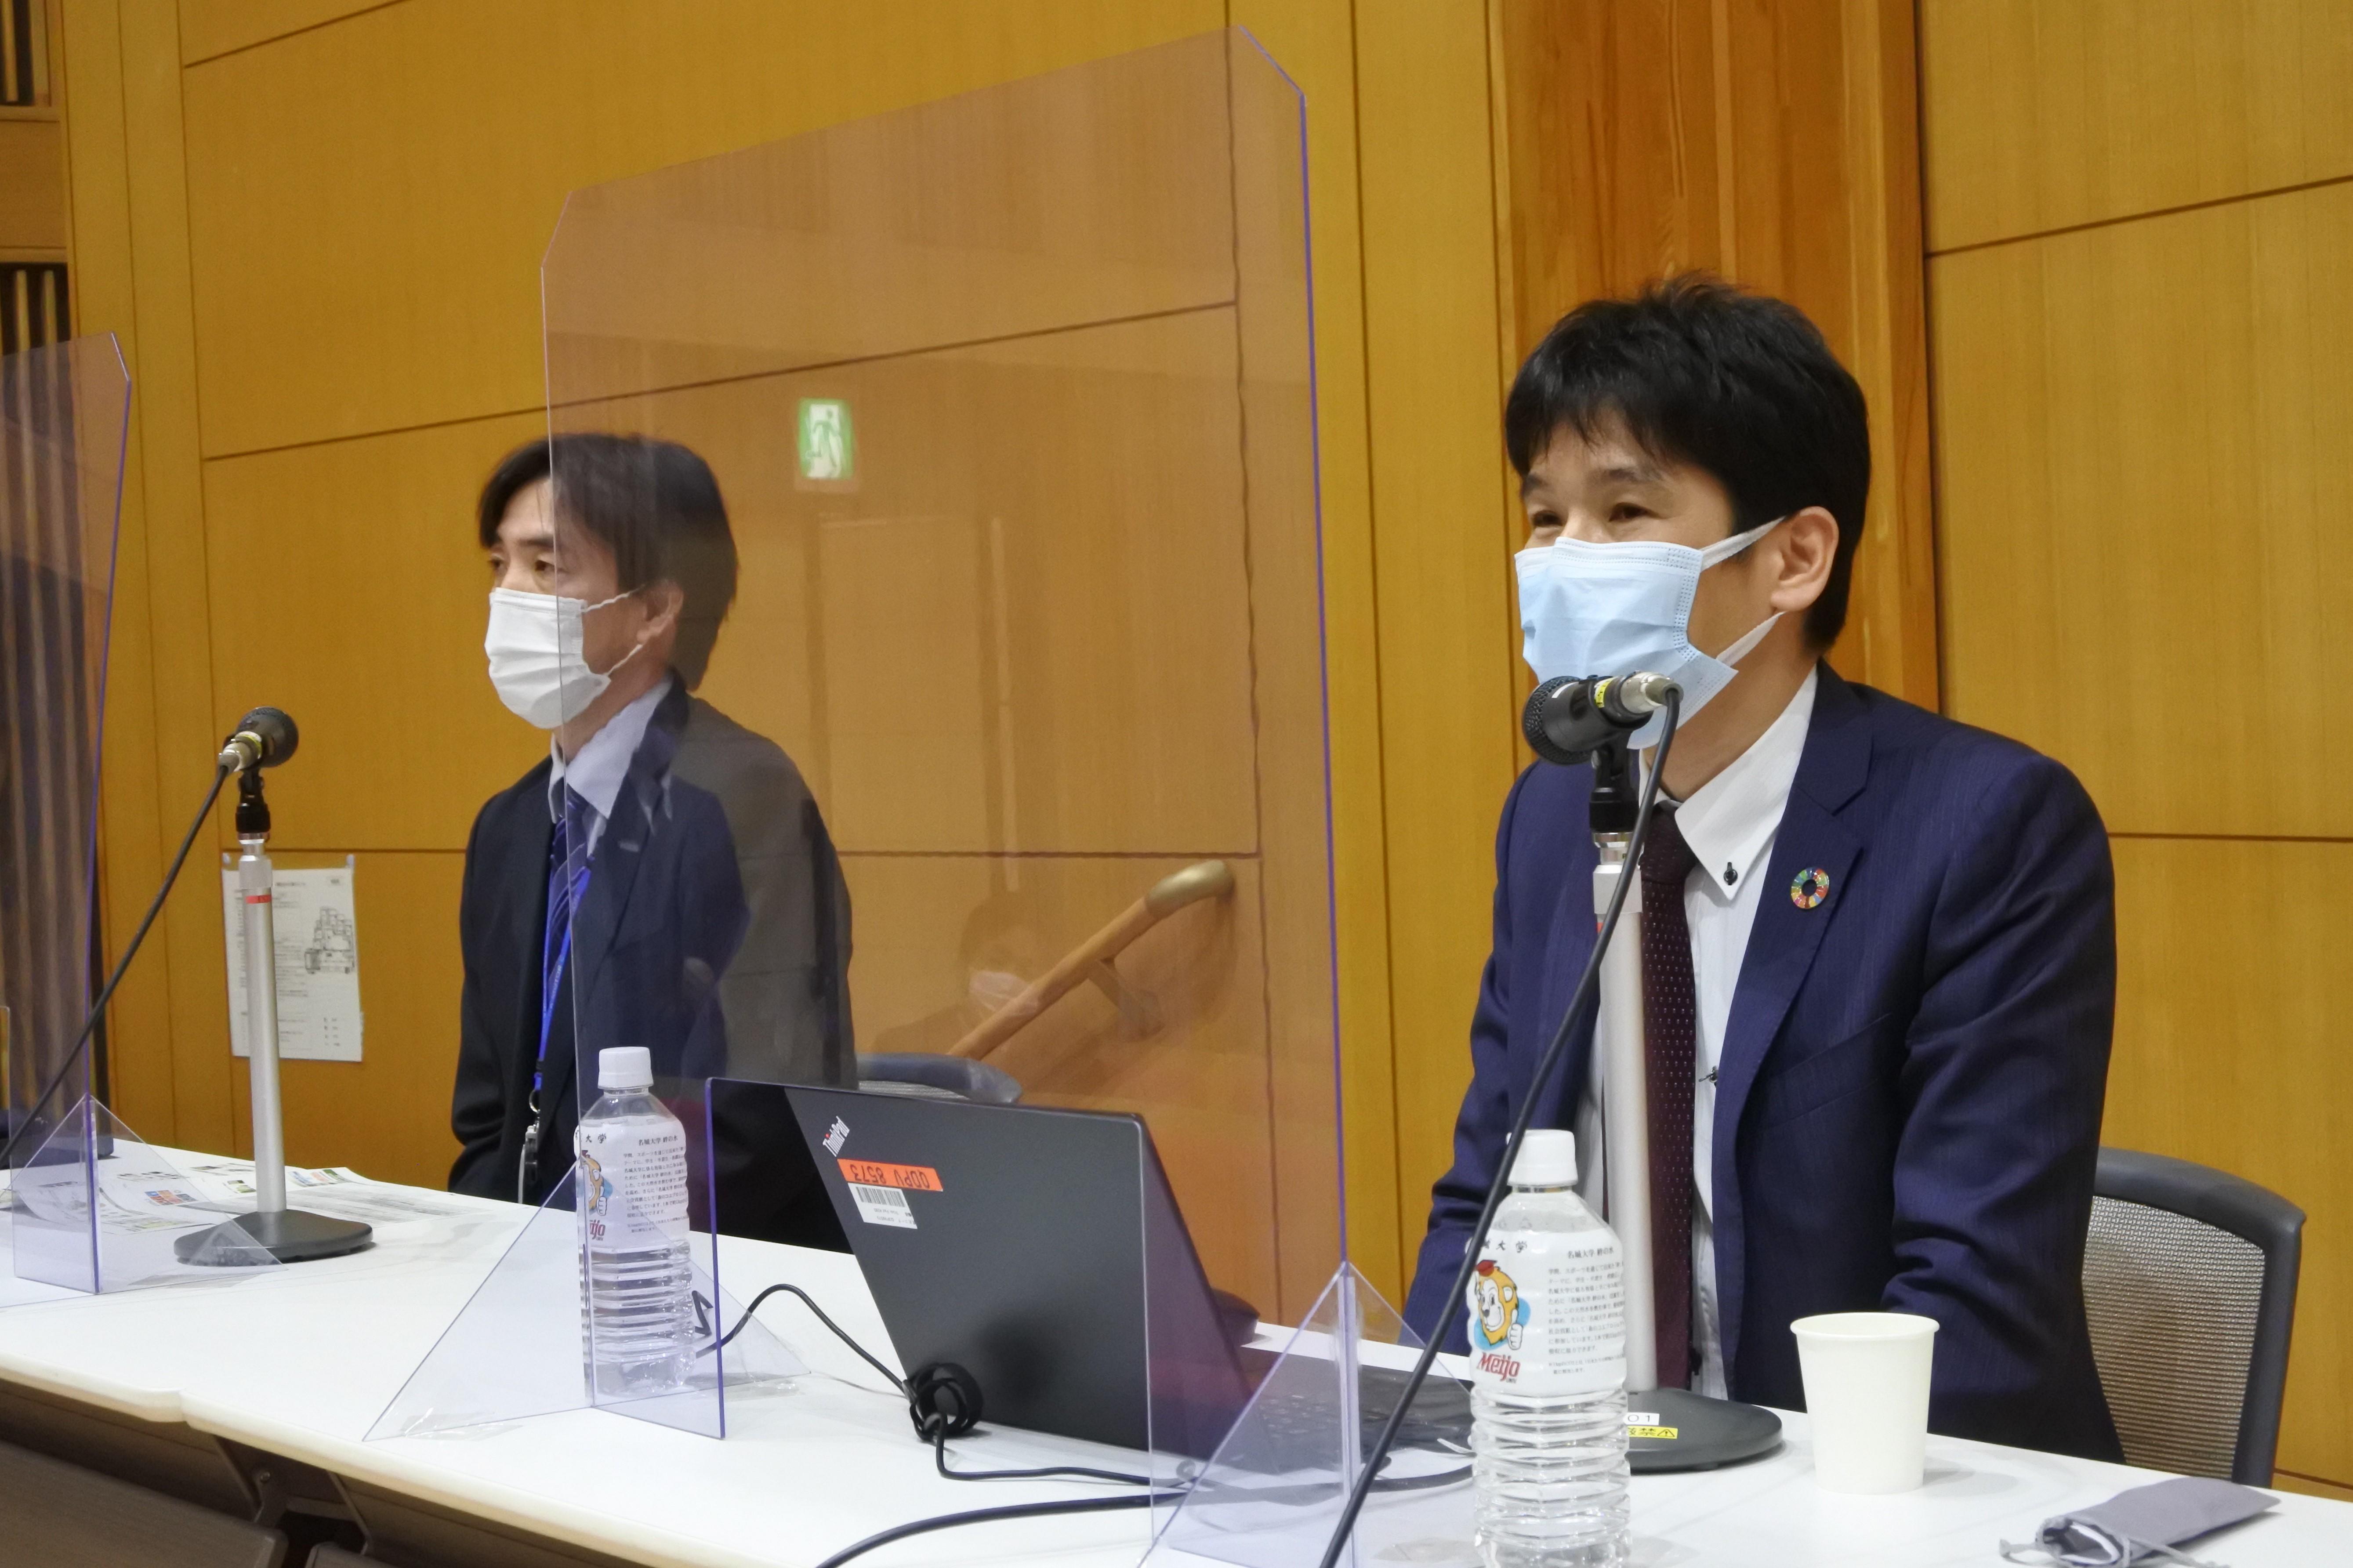 講演する吉田耕平氏(右)と折橋信行氏